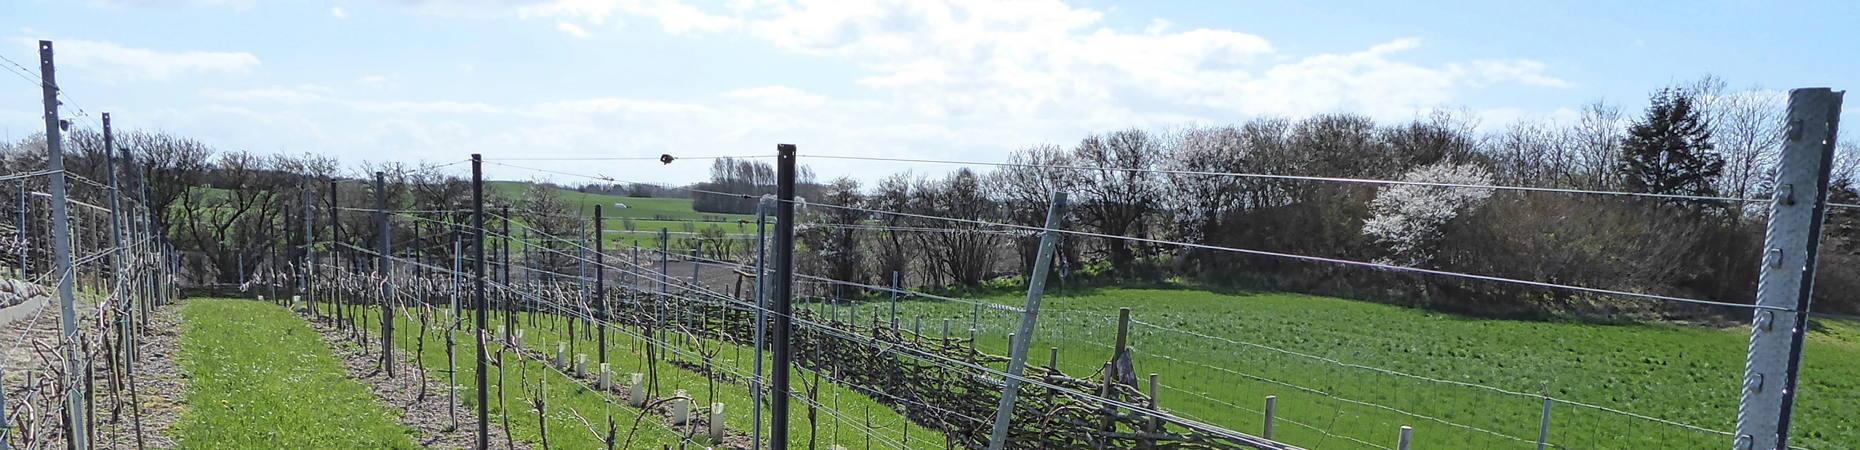 Forår i vinmarken